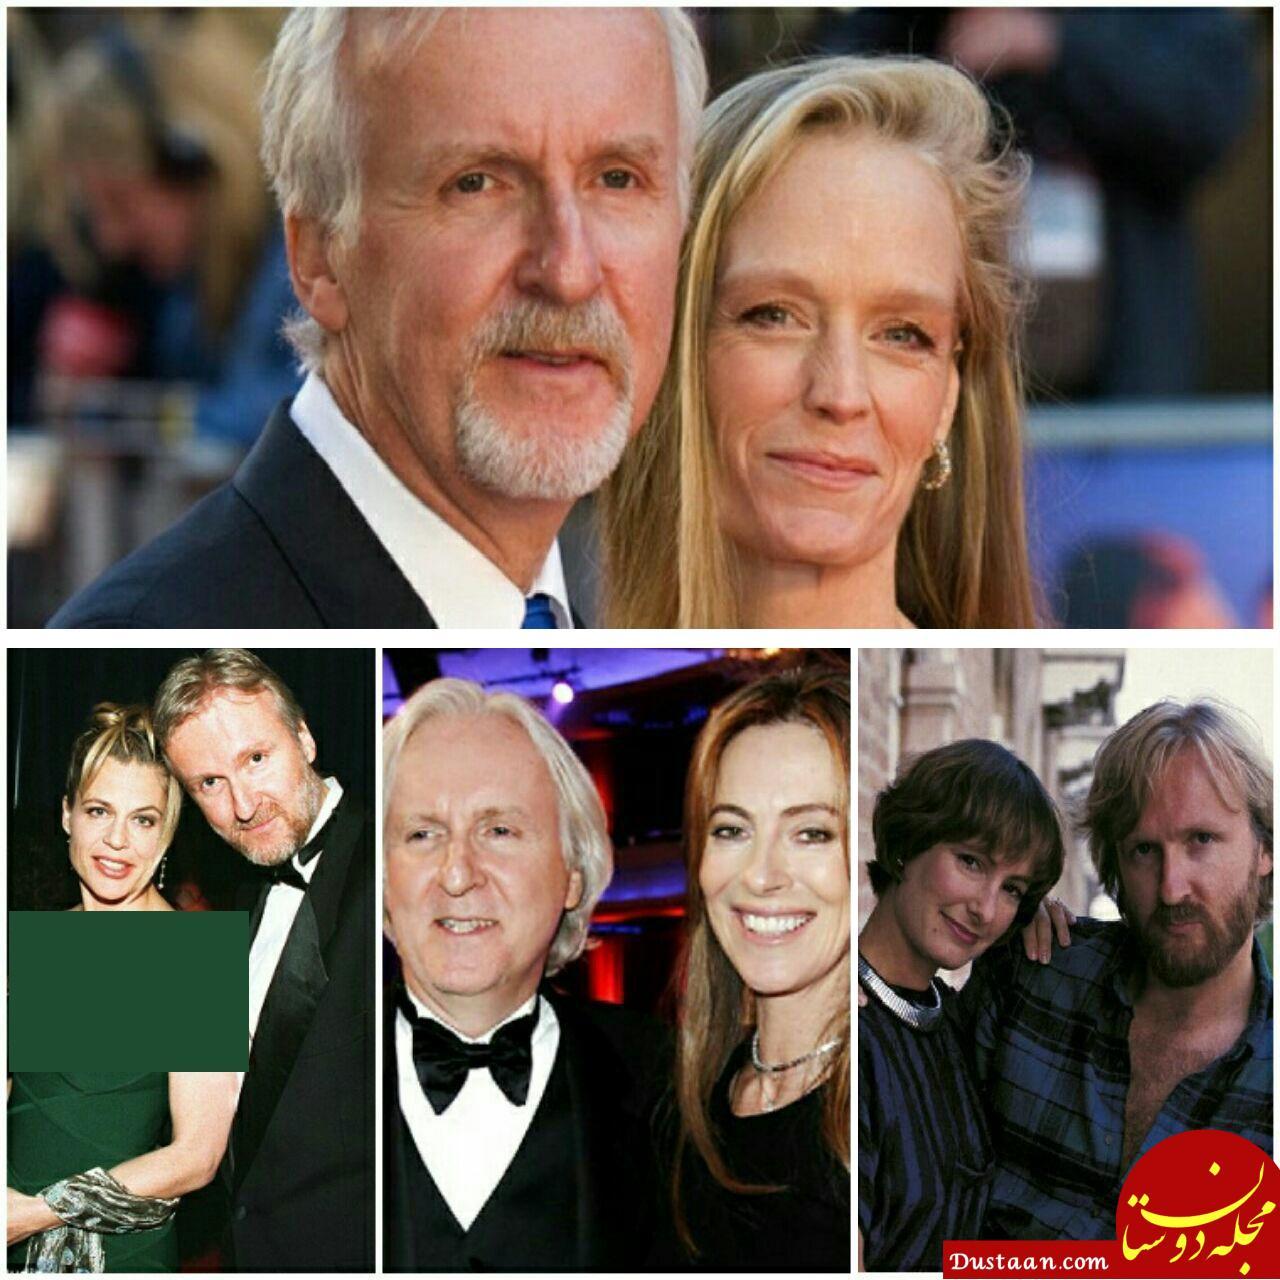 کارگردان مشهوری که 5 بار ازدواج کرده است! +عکس